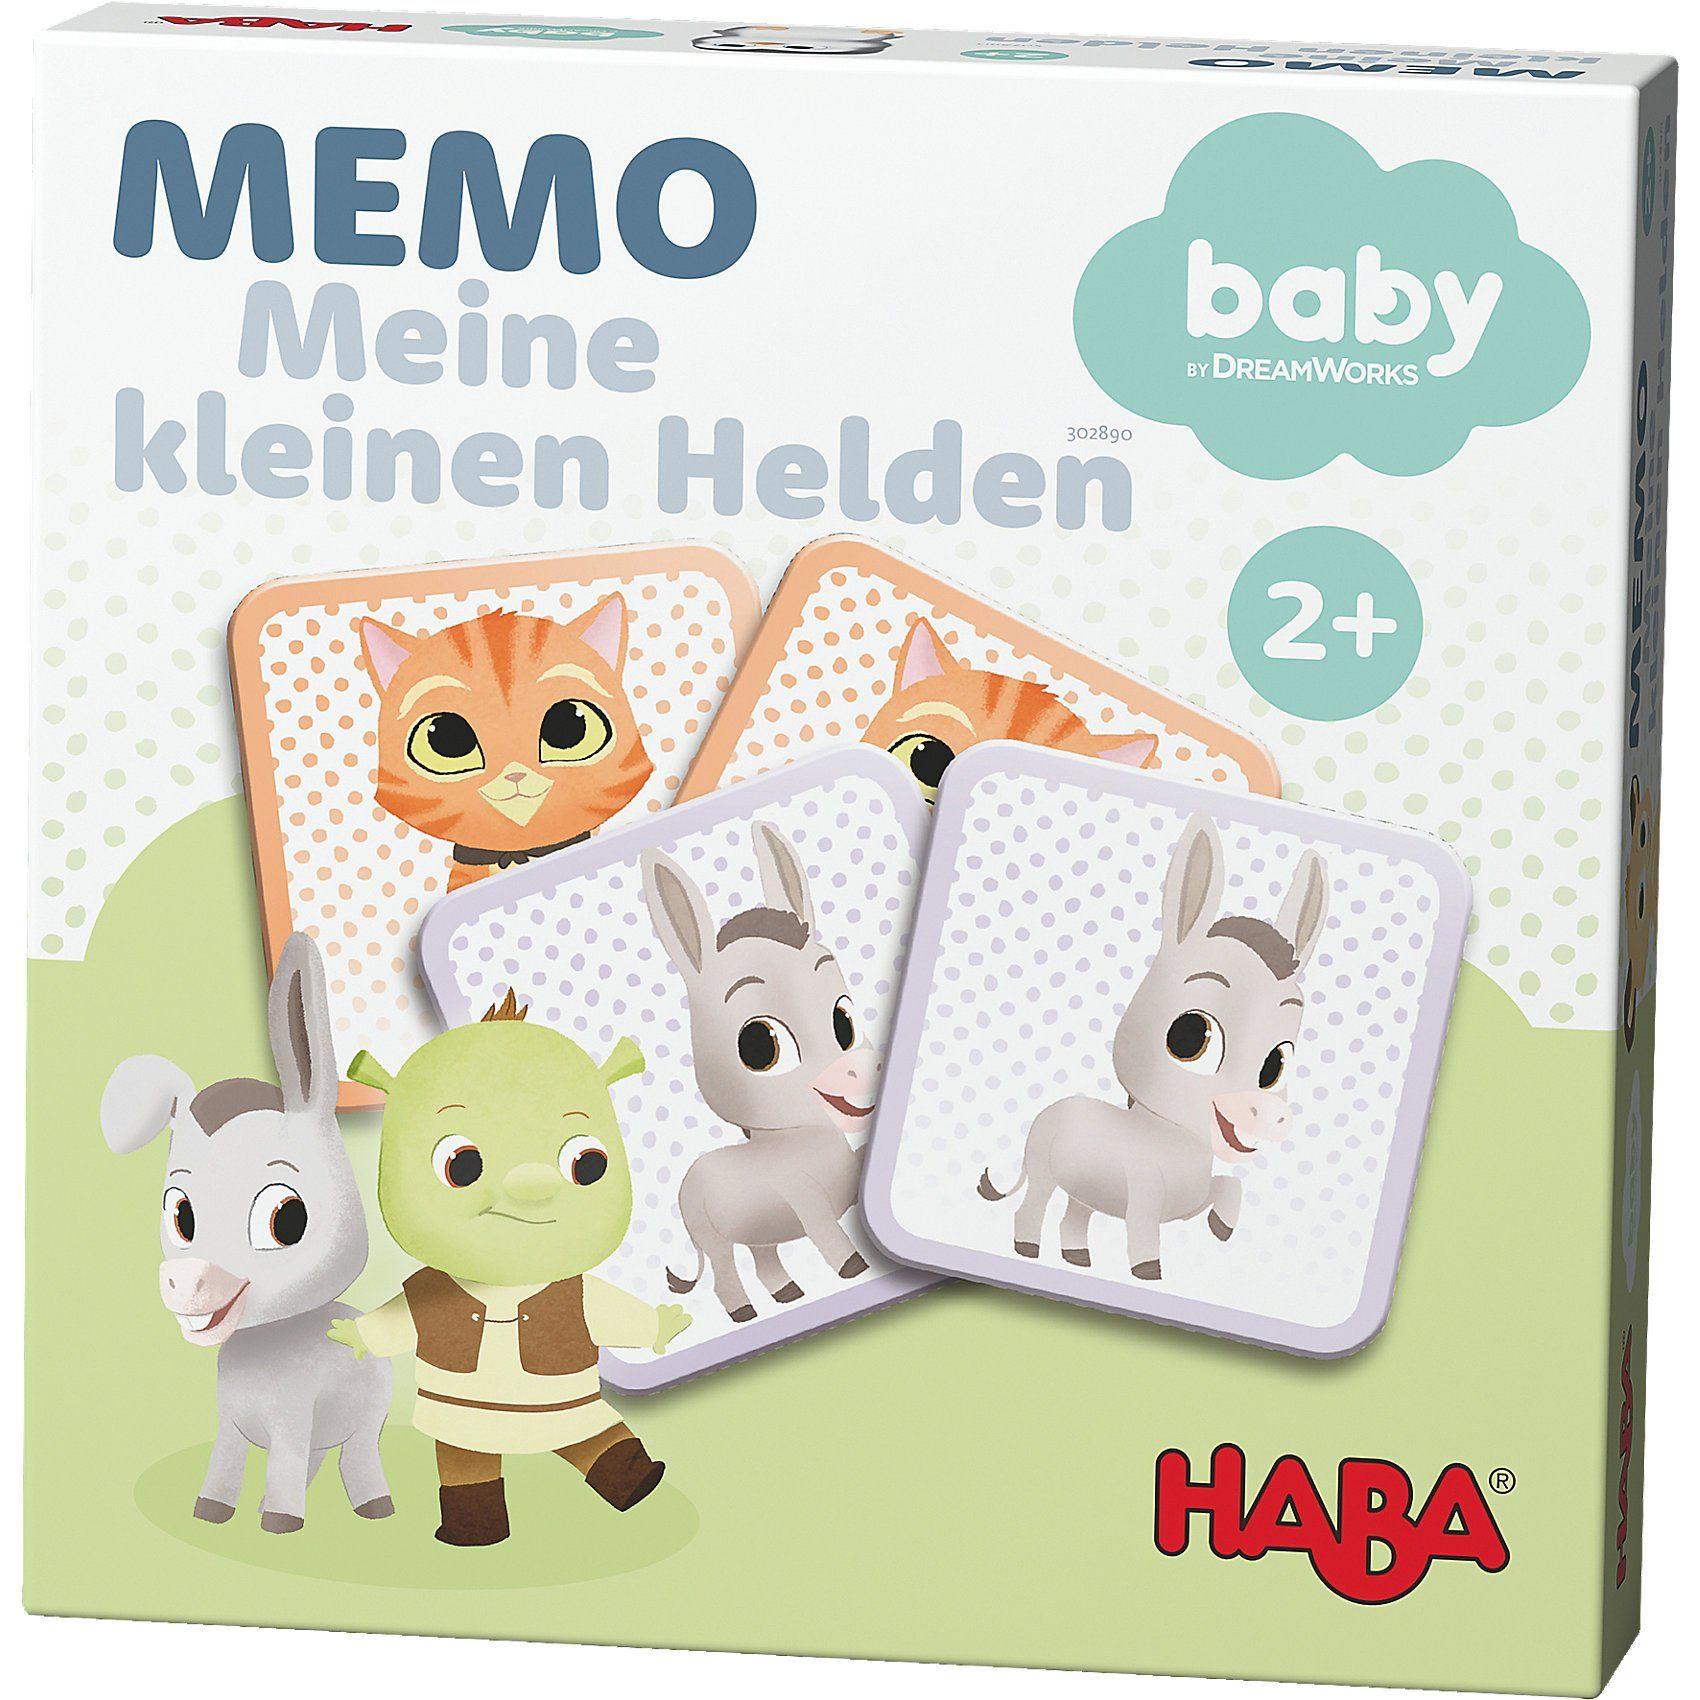 Haba Memo - Meine kleinen Helden